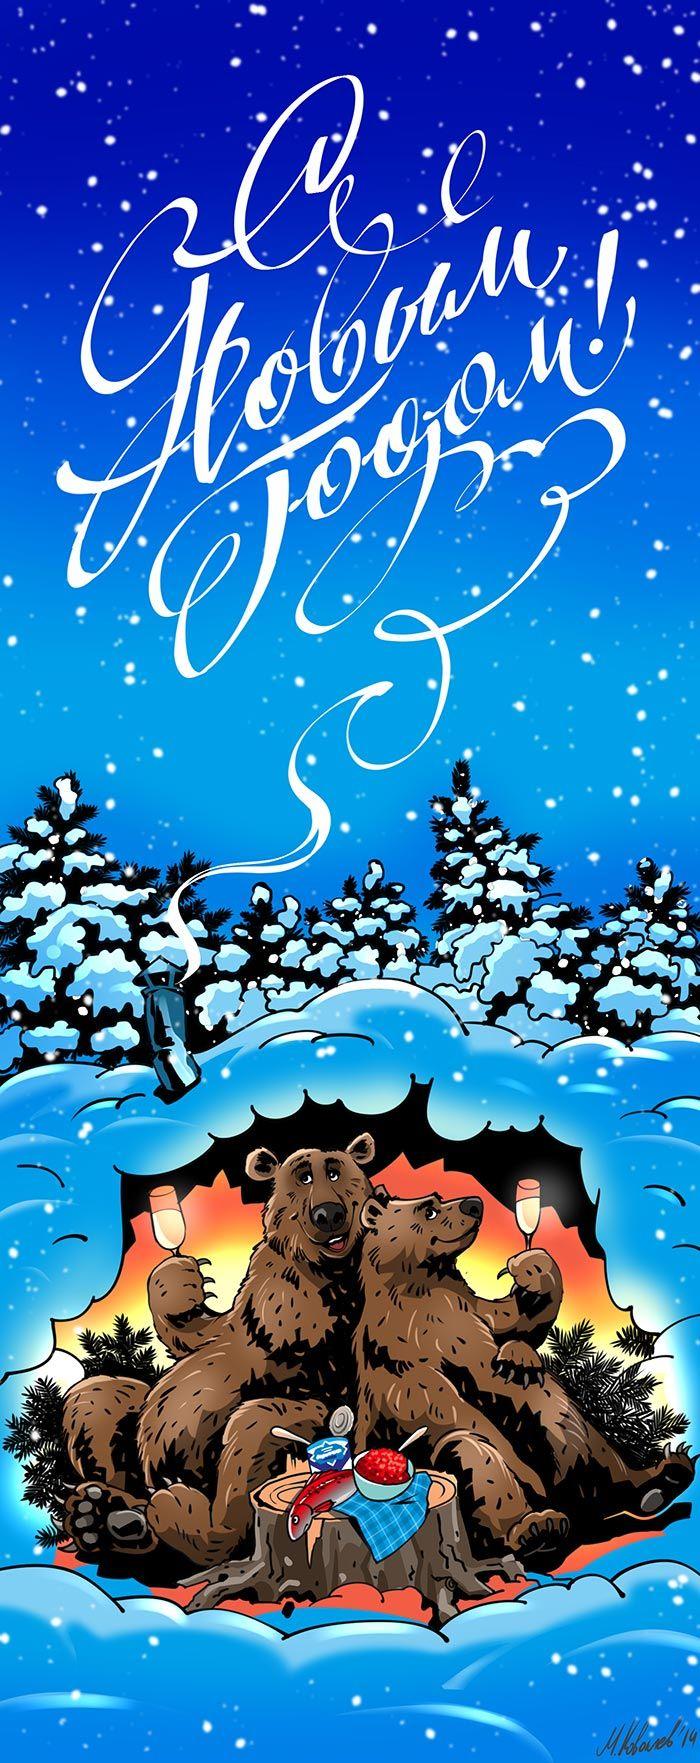 #happynewyear #newyear #illustration #bears  https://www.behance.net/Mikhail_Kovalev